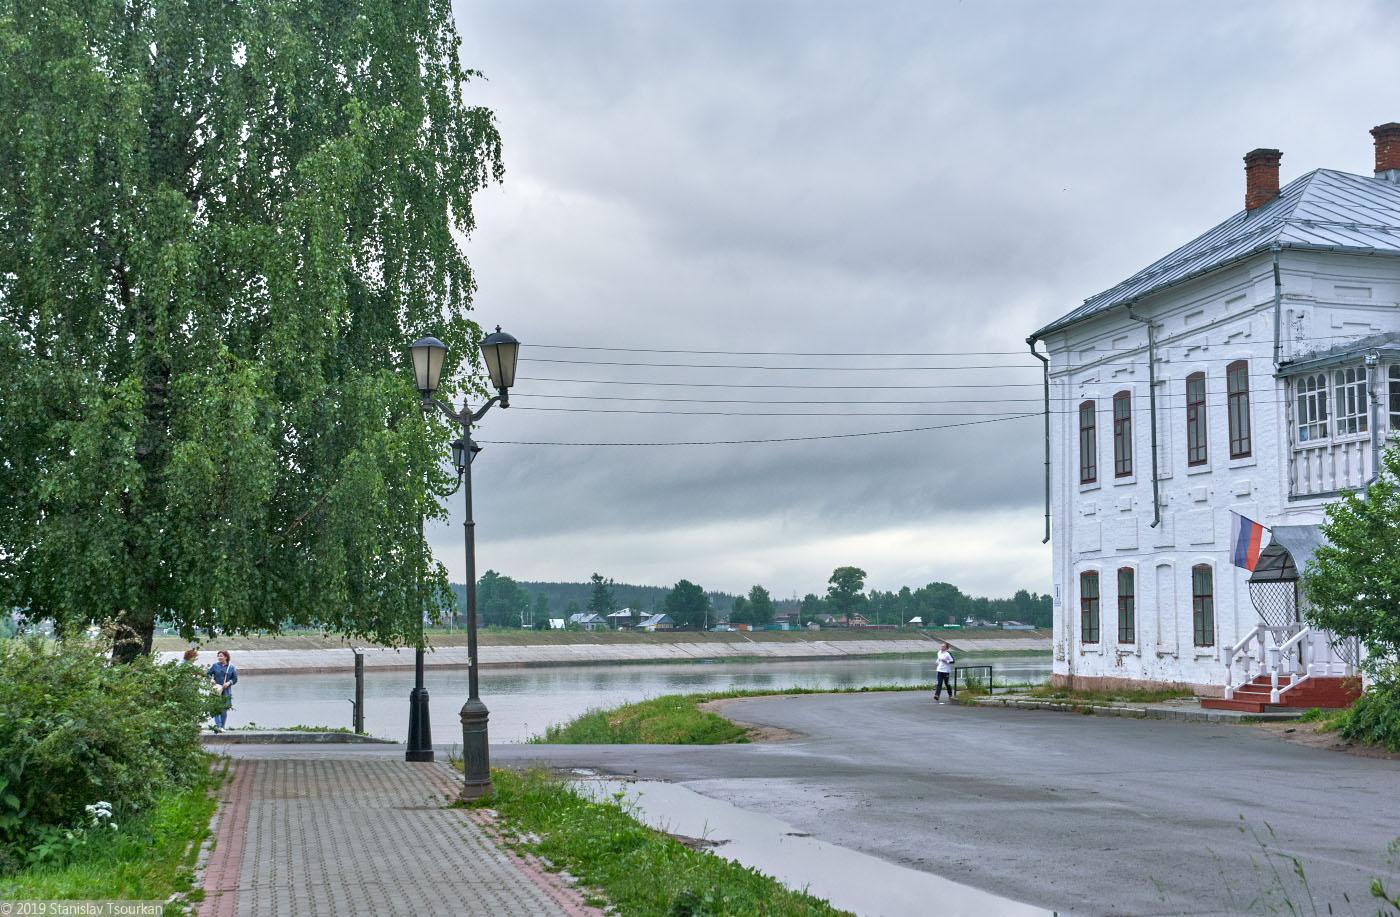 Вологодская область, Вологодчина, Великий устюг, Русский север, Набережная улица